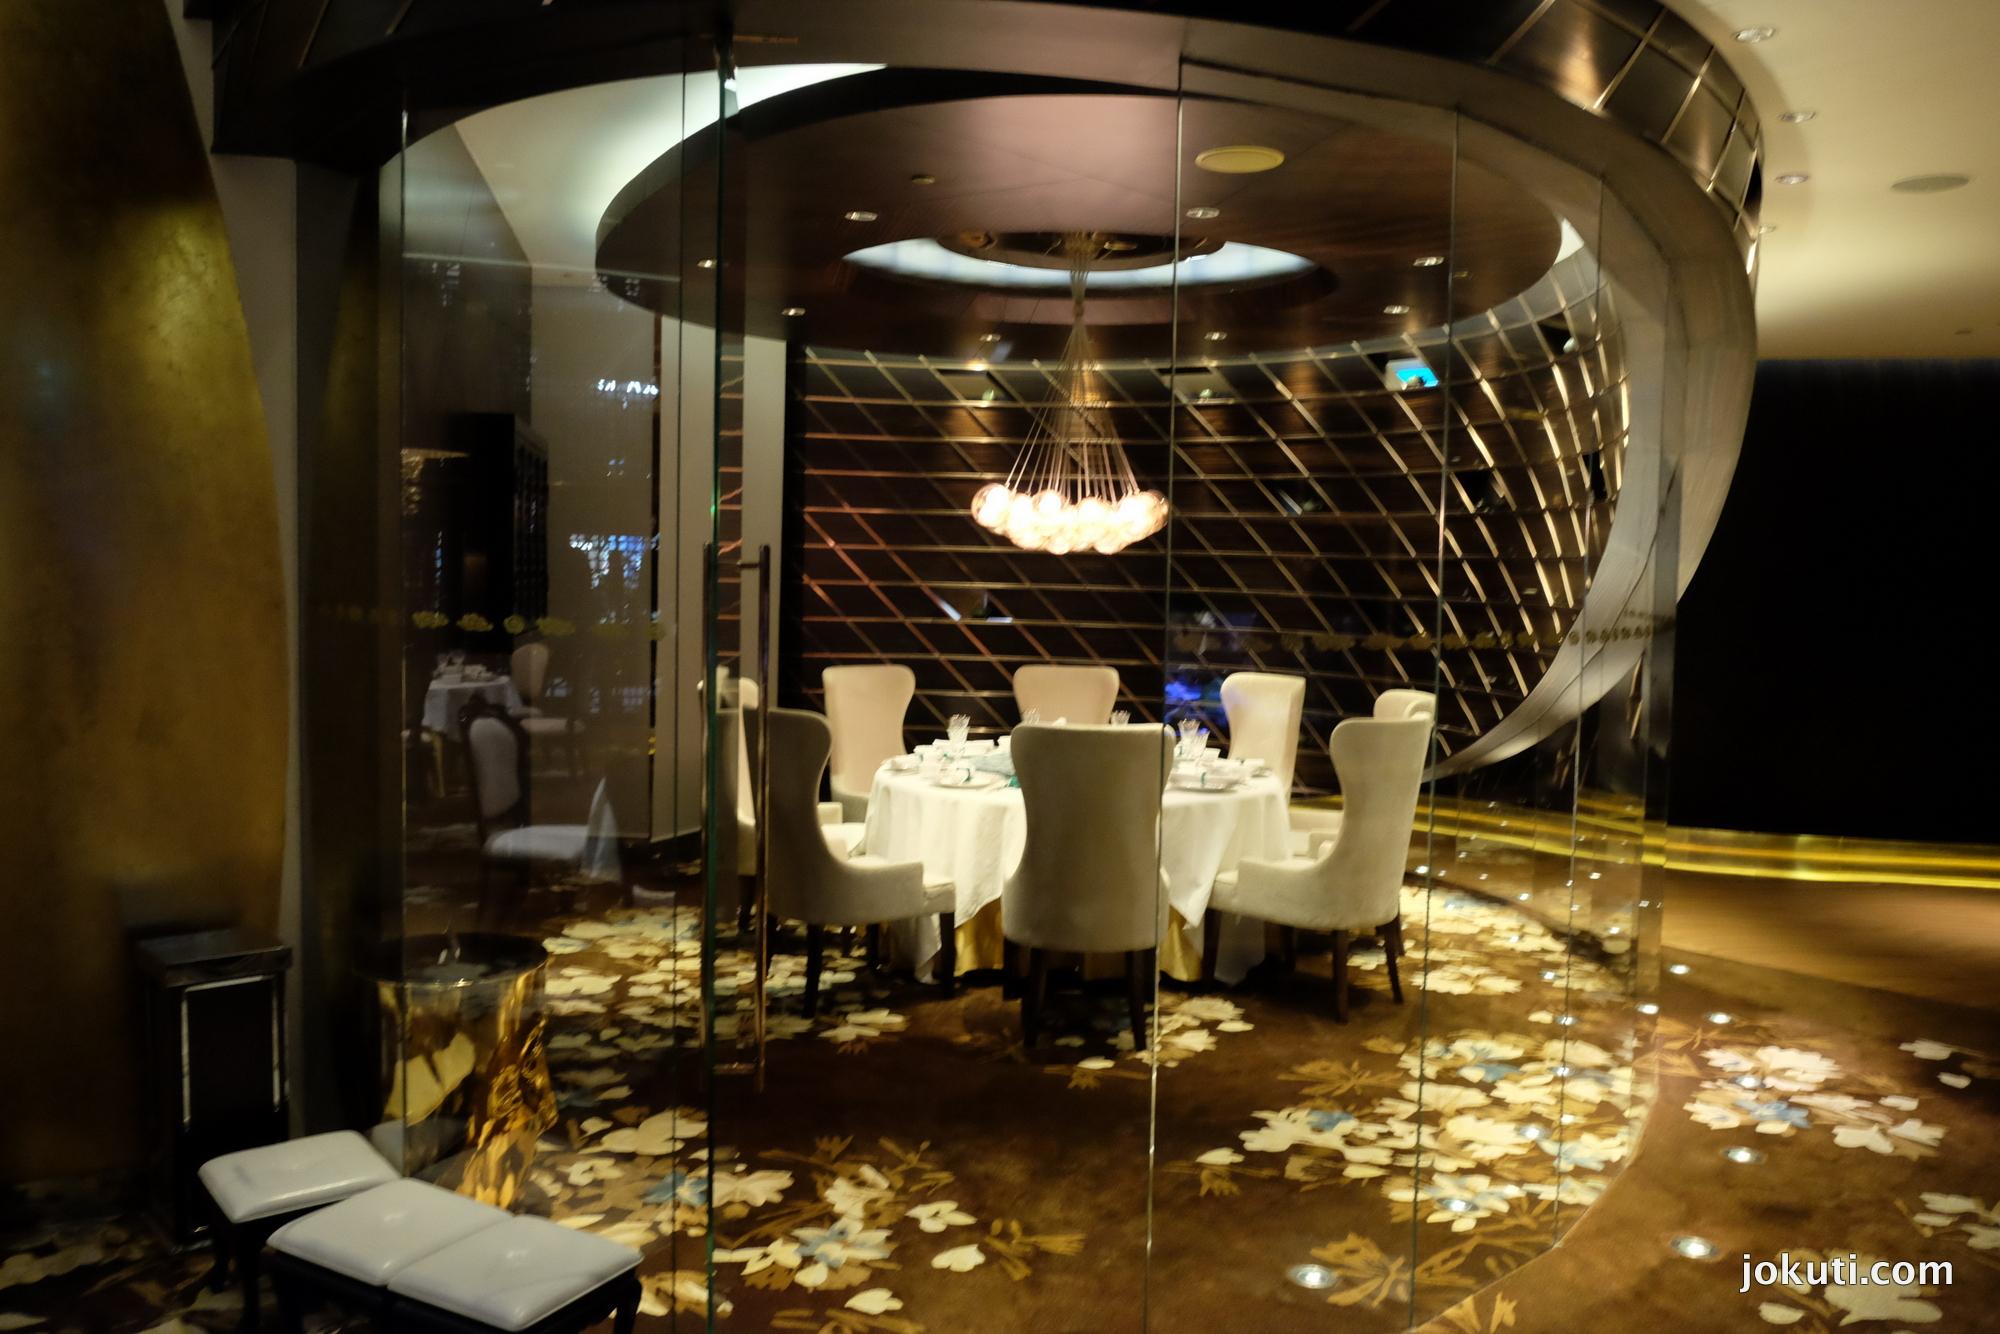 dscf6854_jade_dragon_restaurant_cantonese_chinese_michelin_macau_makao_china_kinai_vilagevo_jokuti.jpg